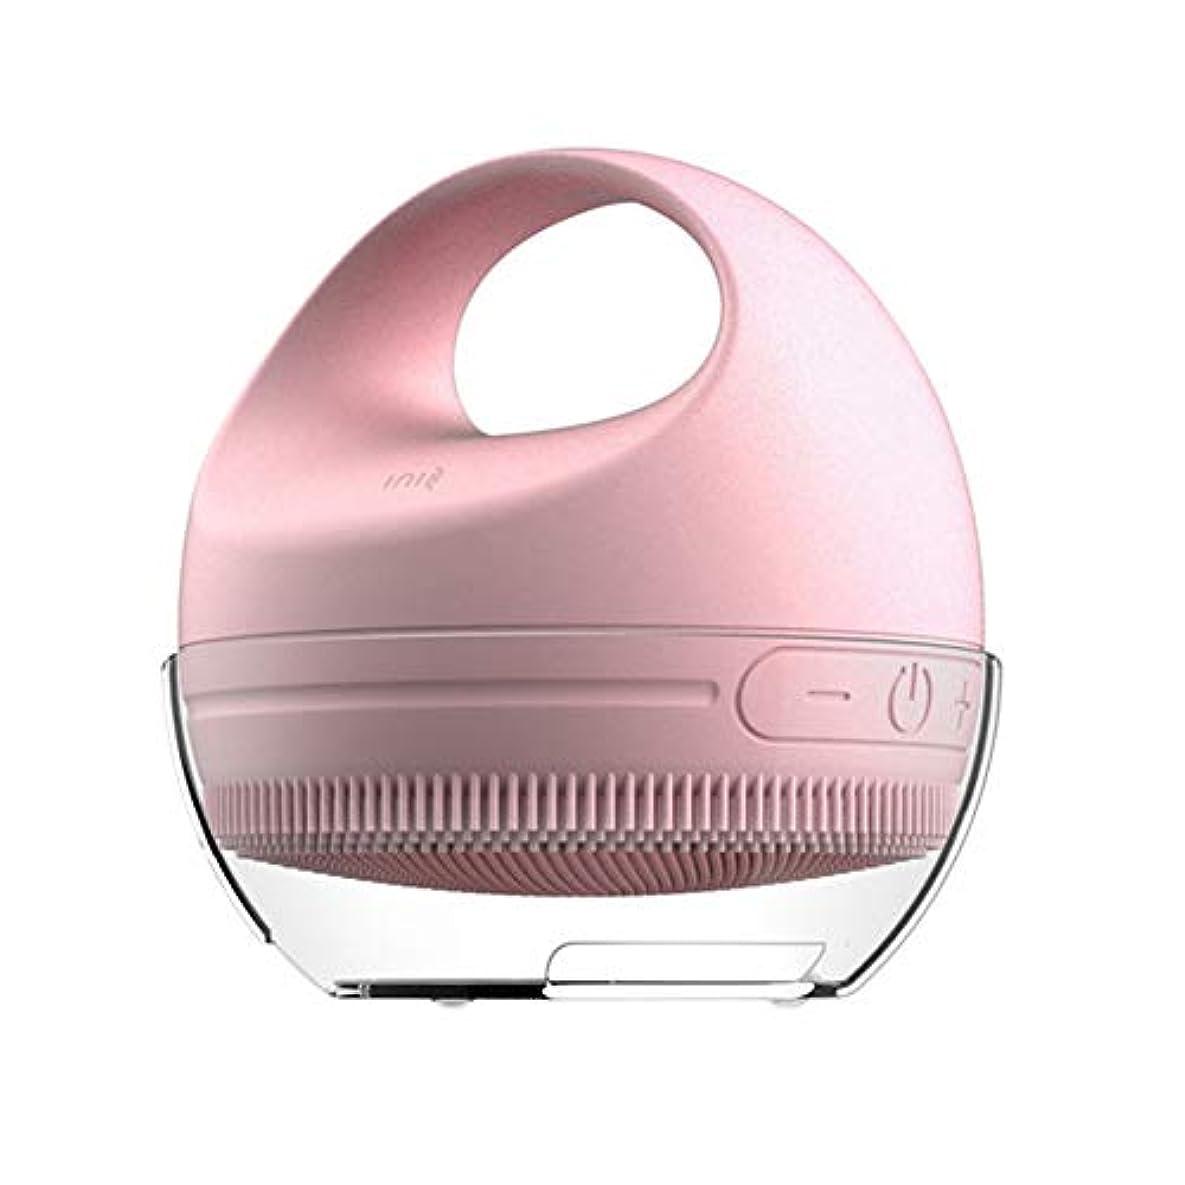 特性名誉敬意電気暖かい/振動シリコーンフェイスクレンザーとマッサージブラシをアップグレードしてください自己乾燥技術を使って、滑り止めのハンドル、インテリジェントなタイミング、防水IPX6、1200 mAhバッテリ,Pink